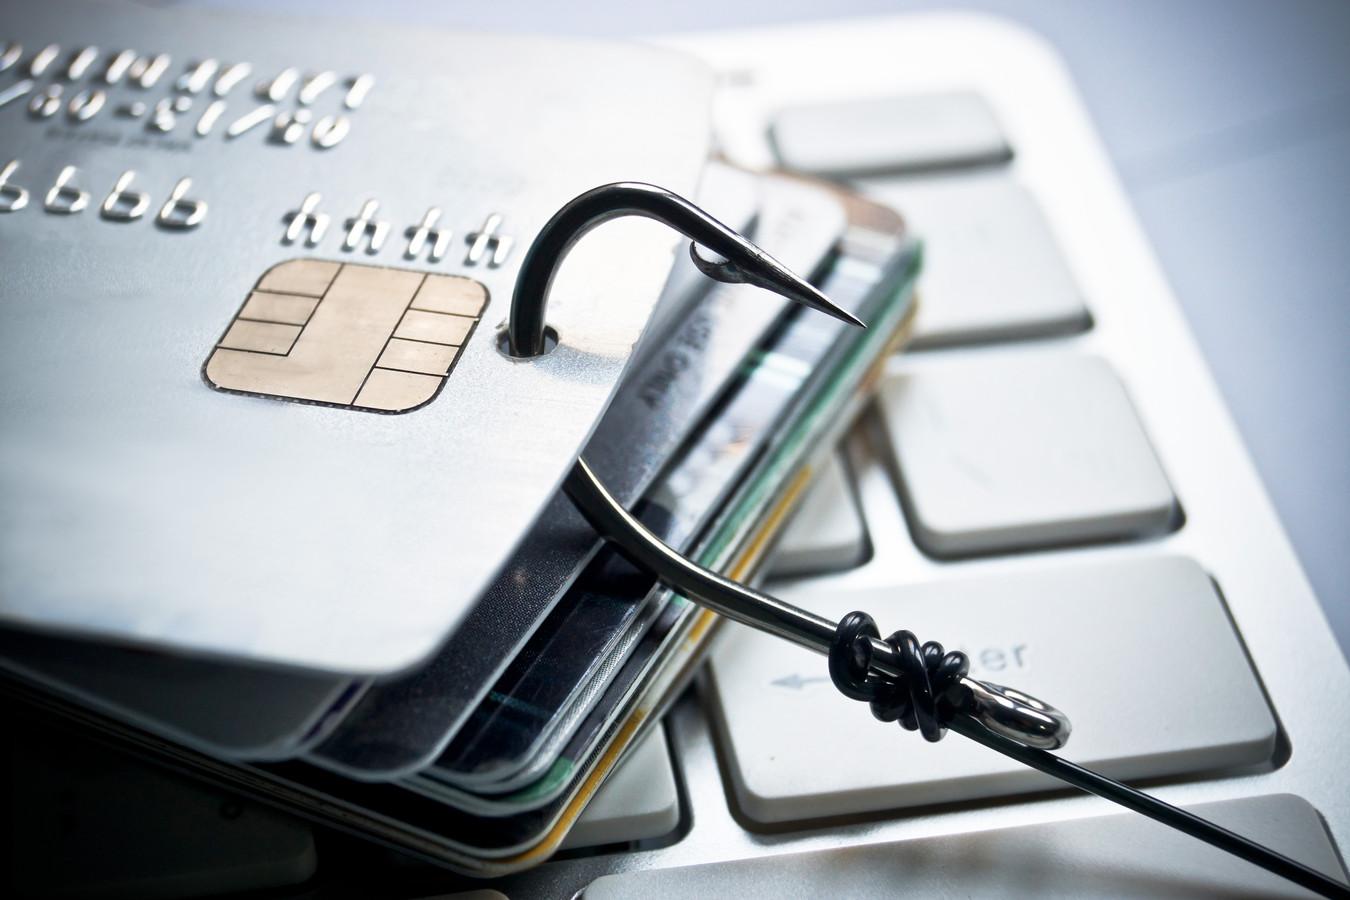 Door op internet gegevens van mensen te kopen, wisten de criminelen waarschijnlijk al heel veel van hun slachtoffers.